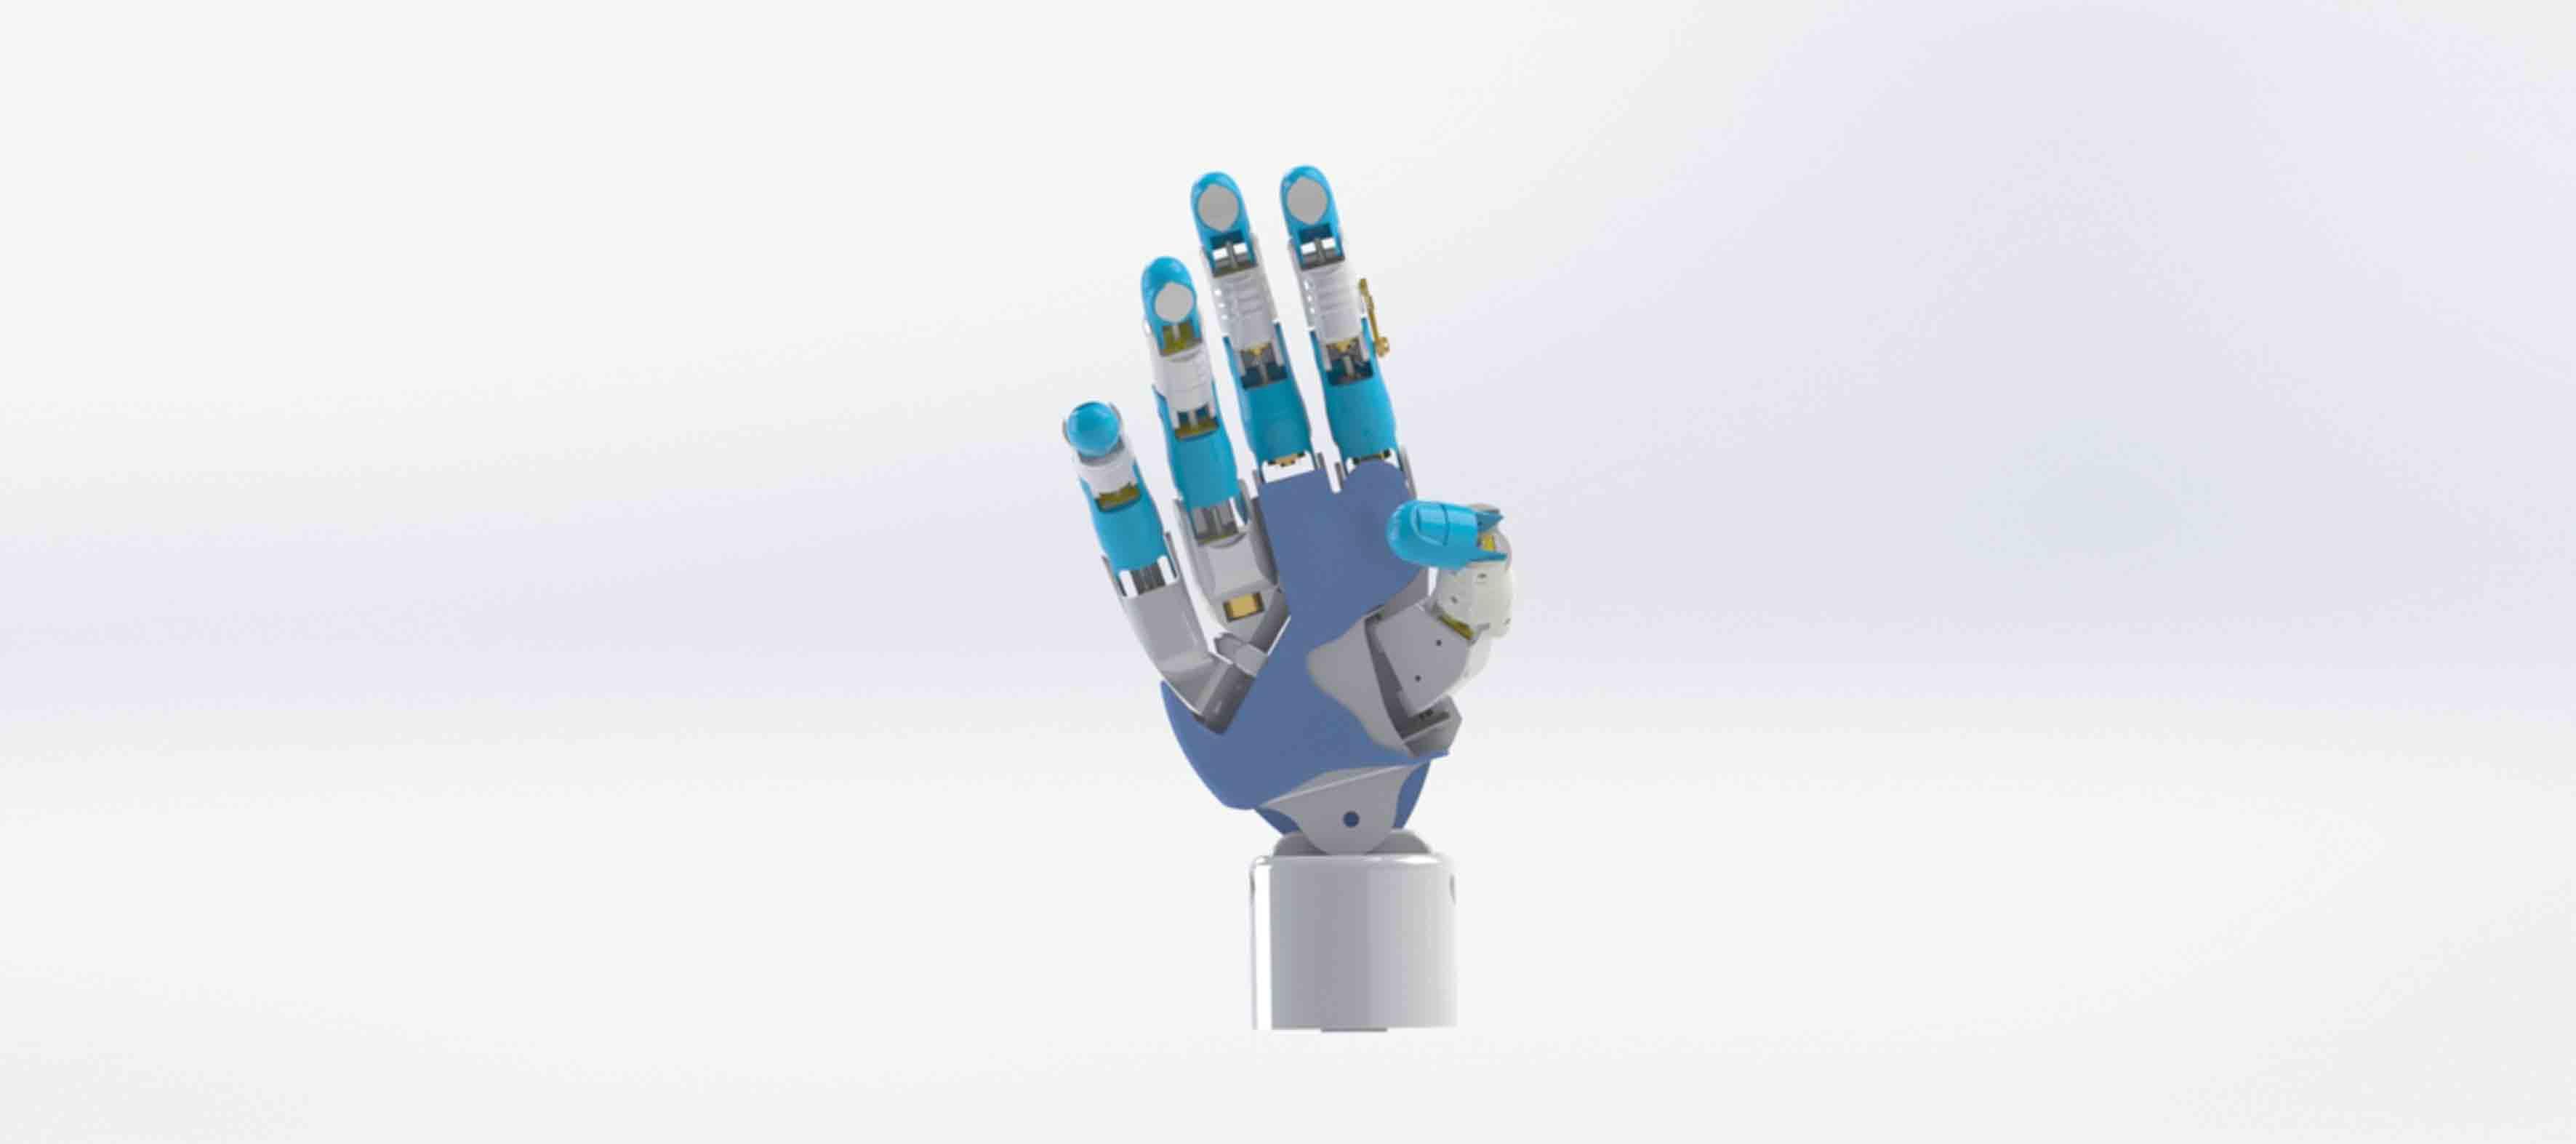 Diseño de la prótesis robótica de mano, mostrando su flexibilidad al doblar su dedo pulgar.